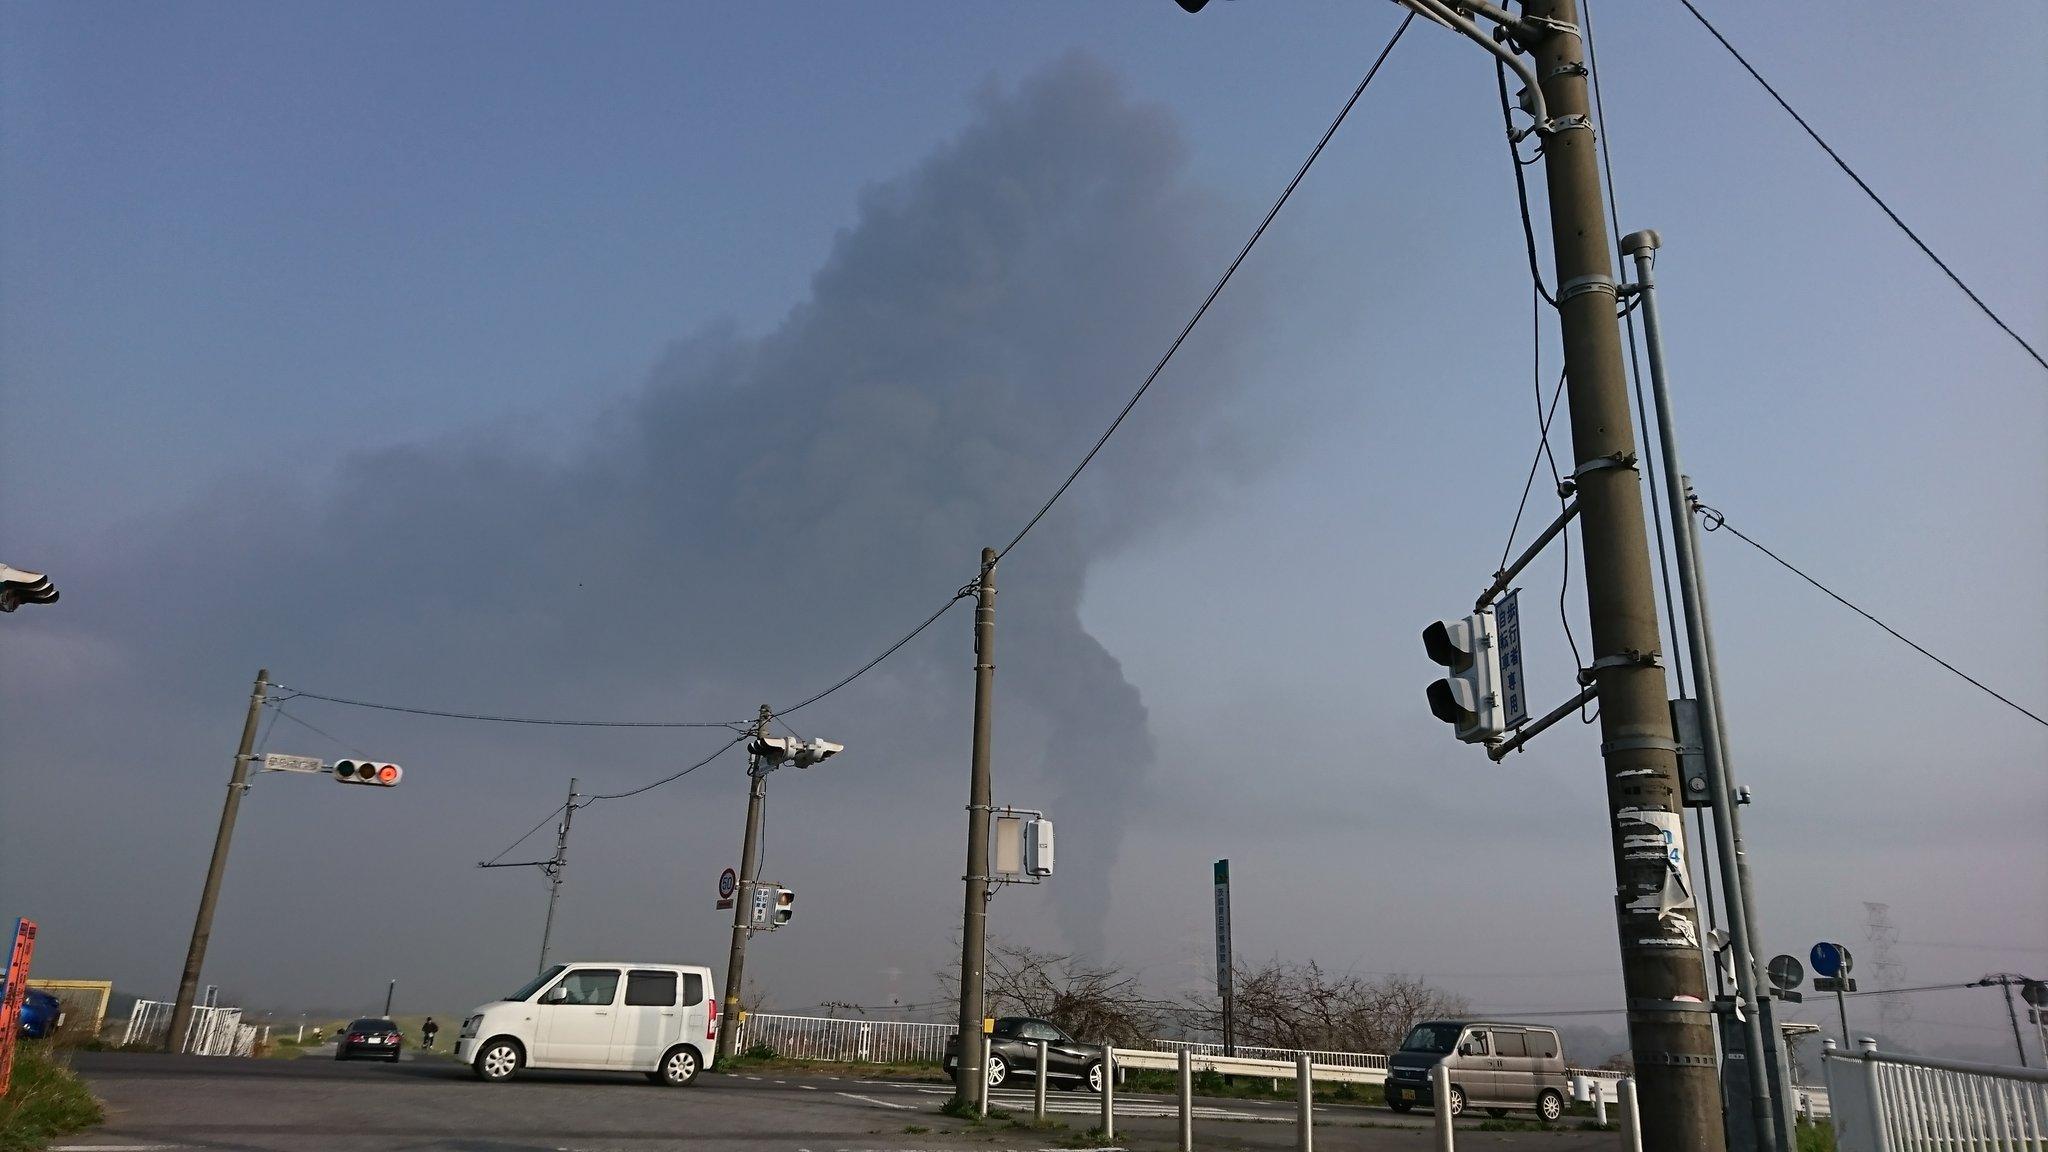 画像,坂東市で火災かなー。ものすごい黒煙(汗) https://t.co/QxE1ZmsHj5。